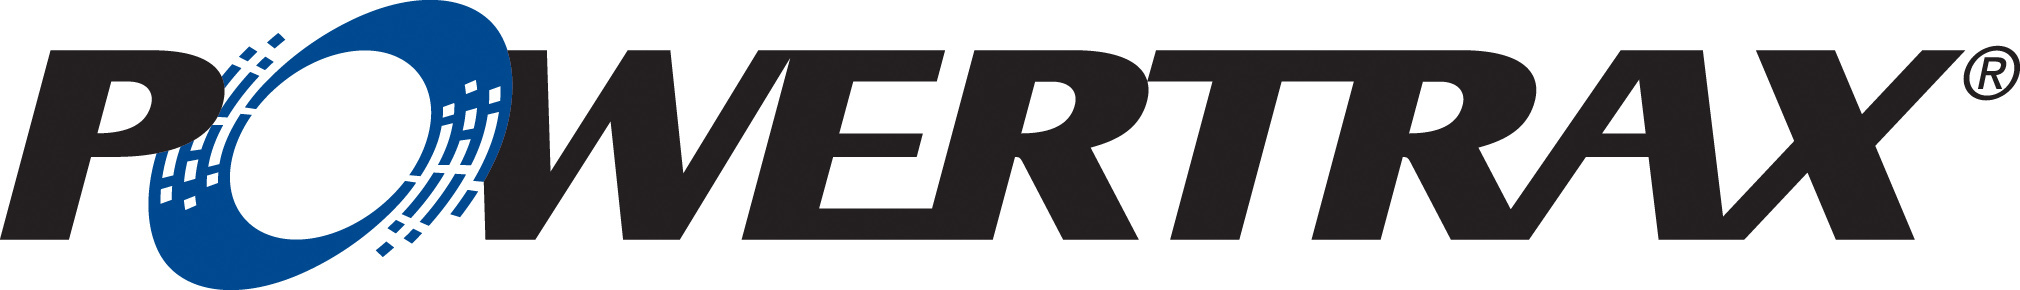 Powertrax Appl. Guide